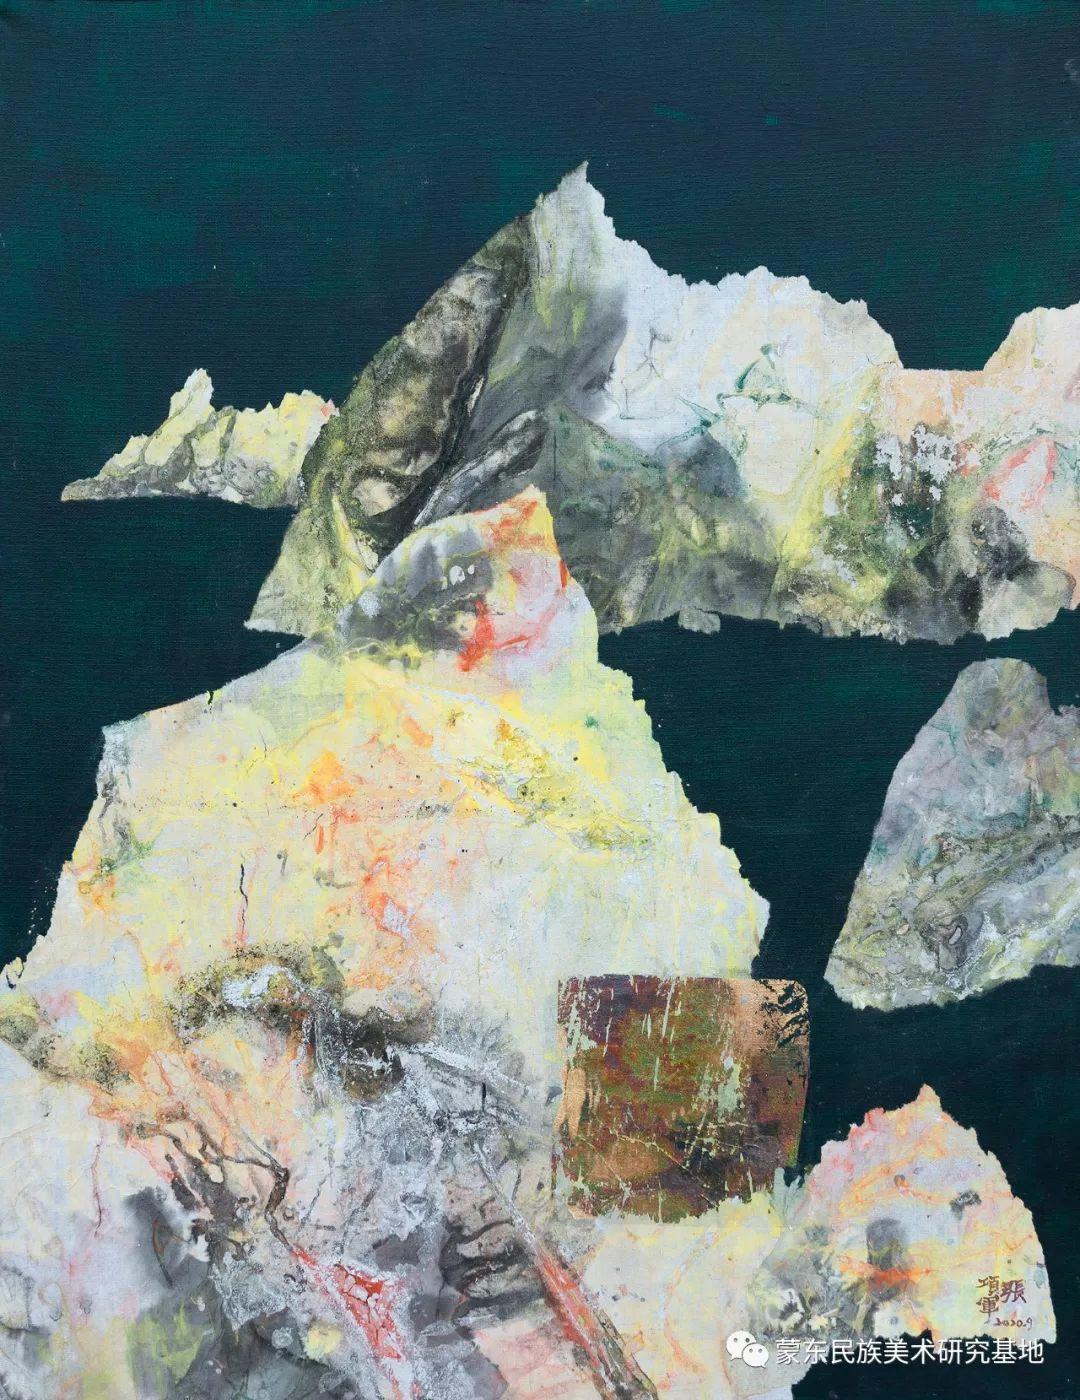 科尔沁首届油画展作品集 第12张 科尔沁首届油画展作品集 蒙古画廊